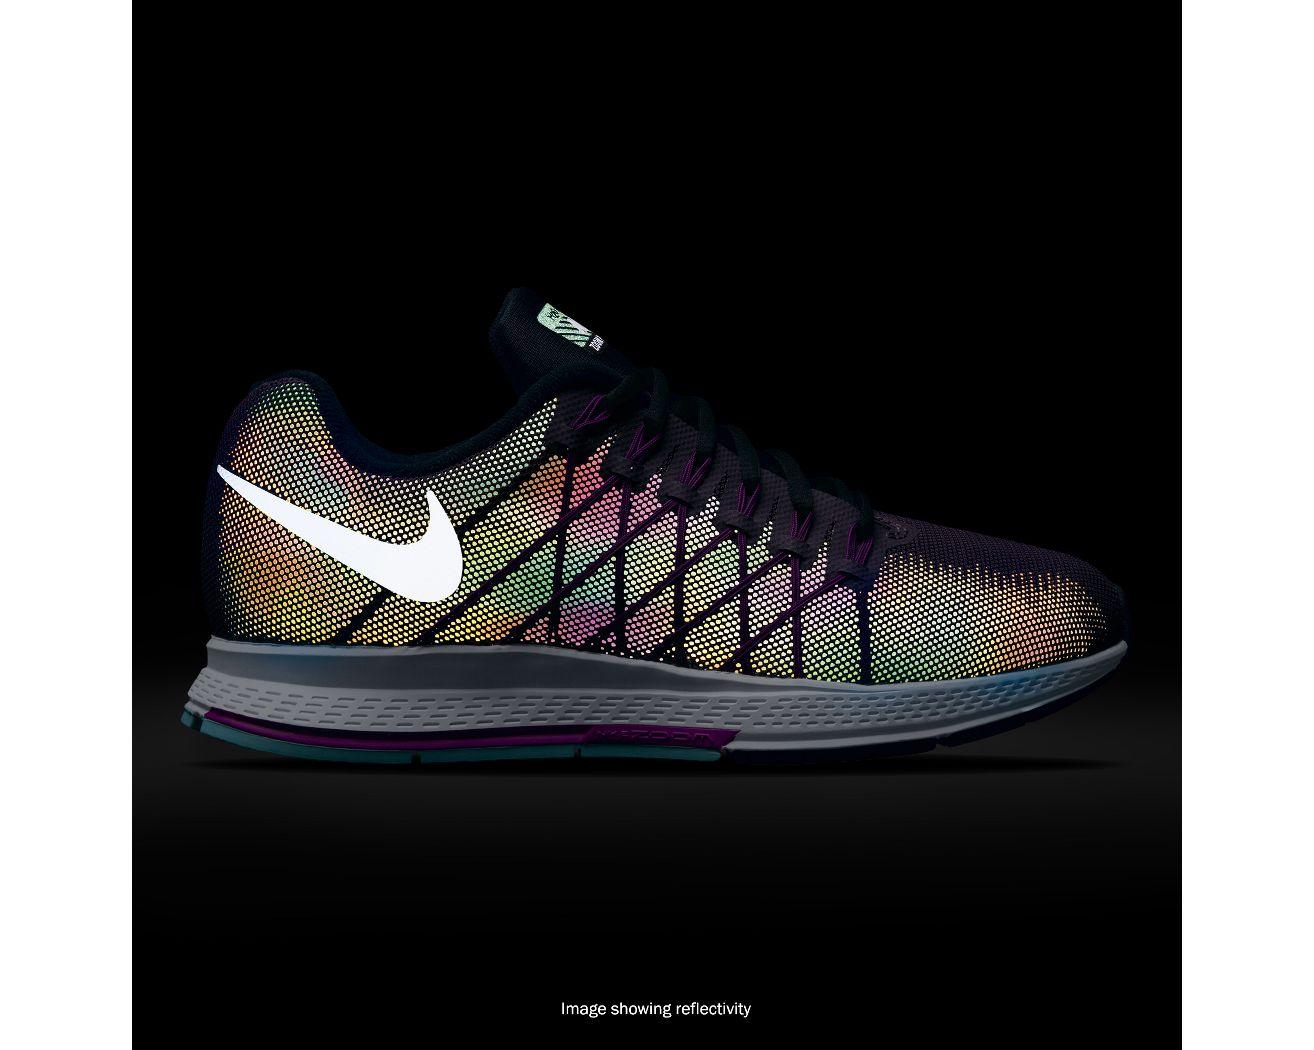 Nike Zoom Pegasus 32 H2o Repel